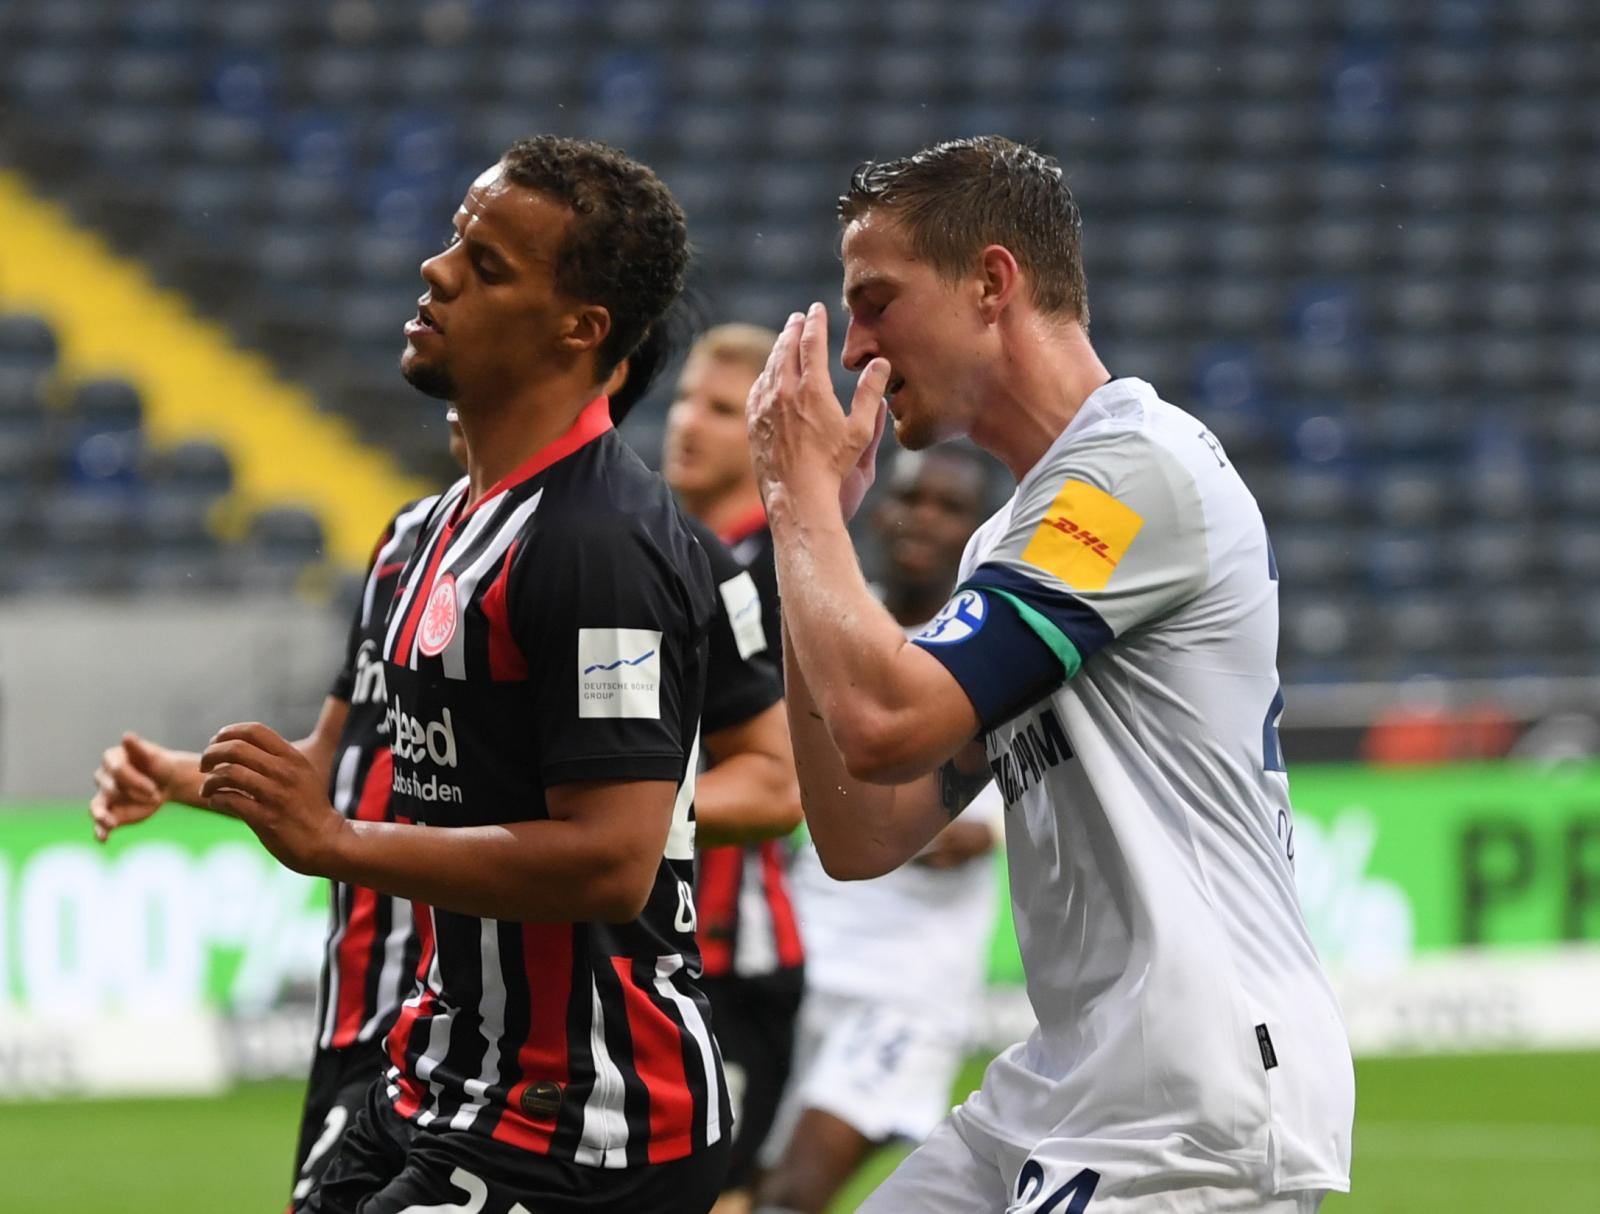 «Кёльн» - «Айнтрахт» Франкфурт: прогноз на матч чемпионата Германии